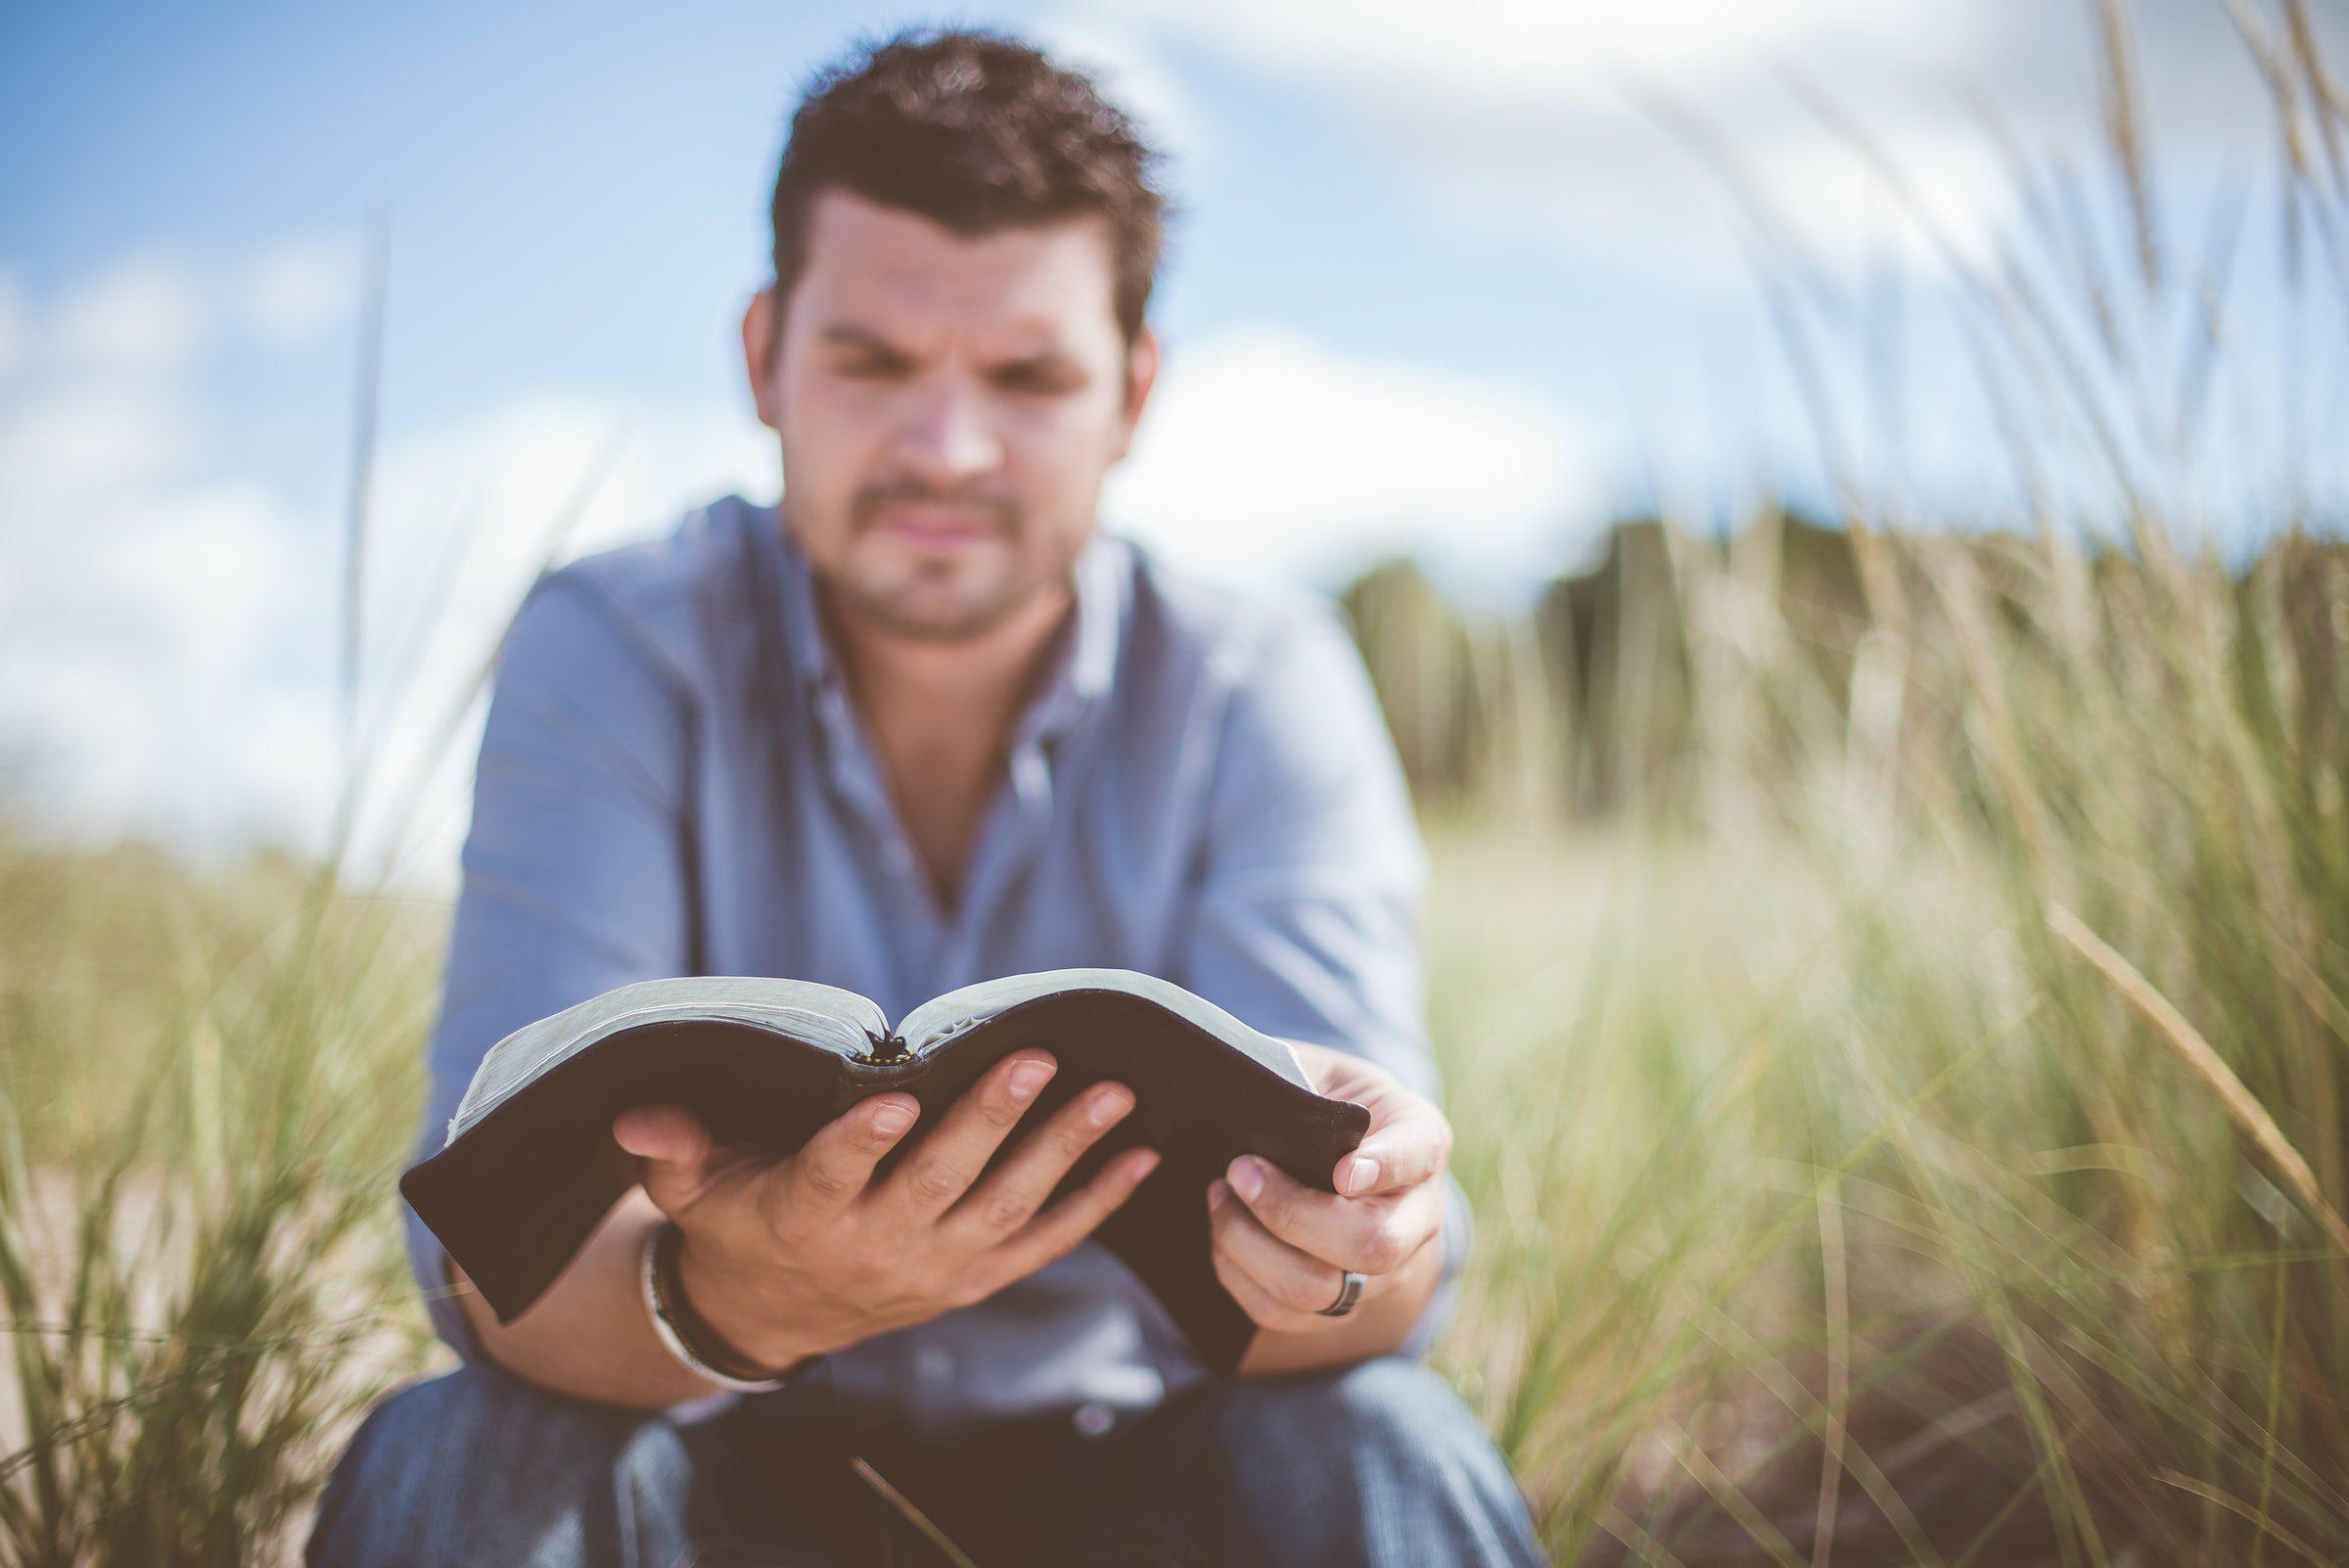 Bibles & Bros